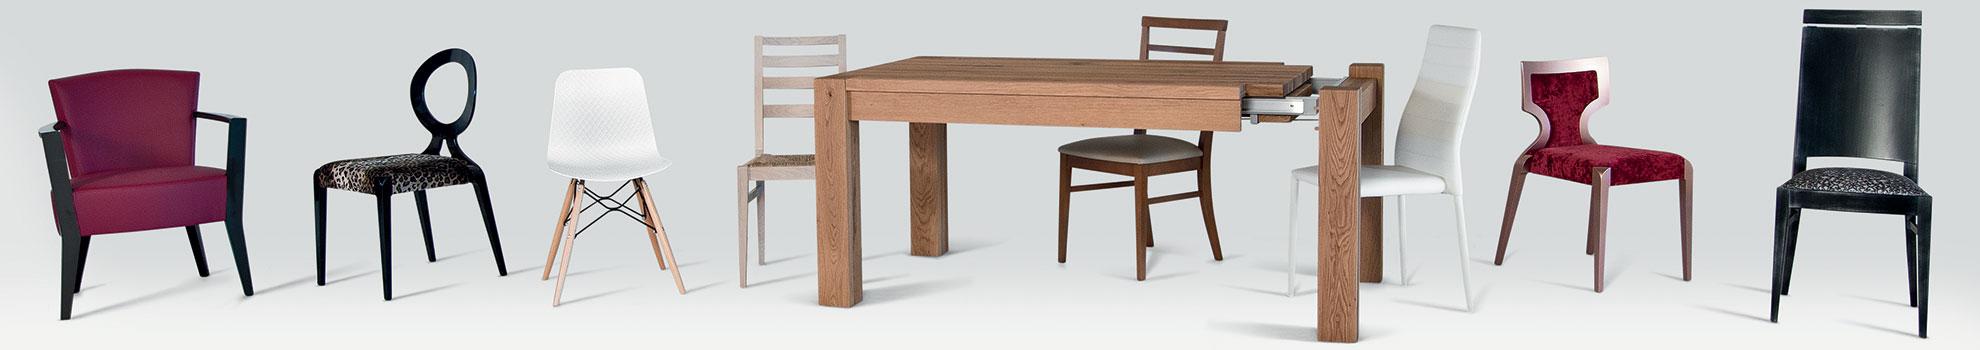 Per i rivenditori bissoli for Rivenditori sedie